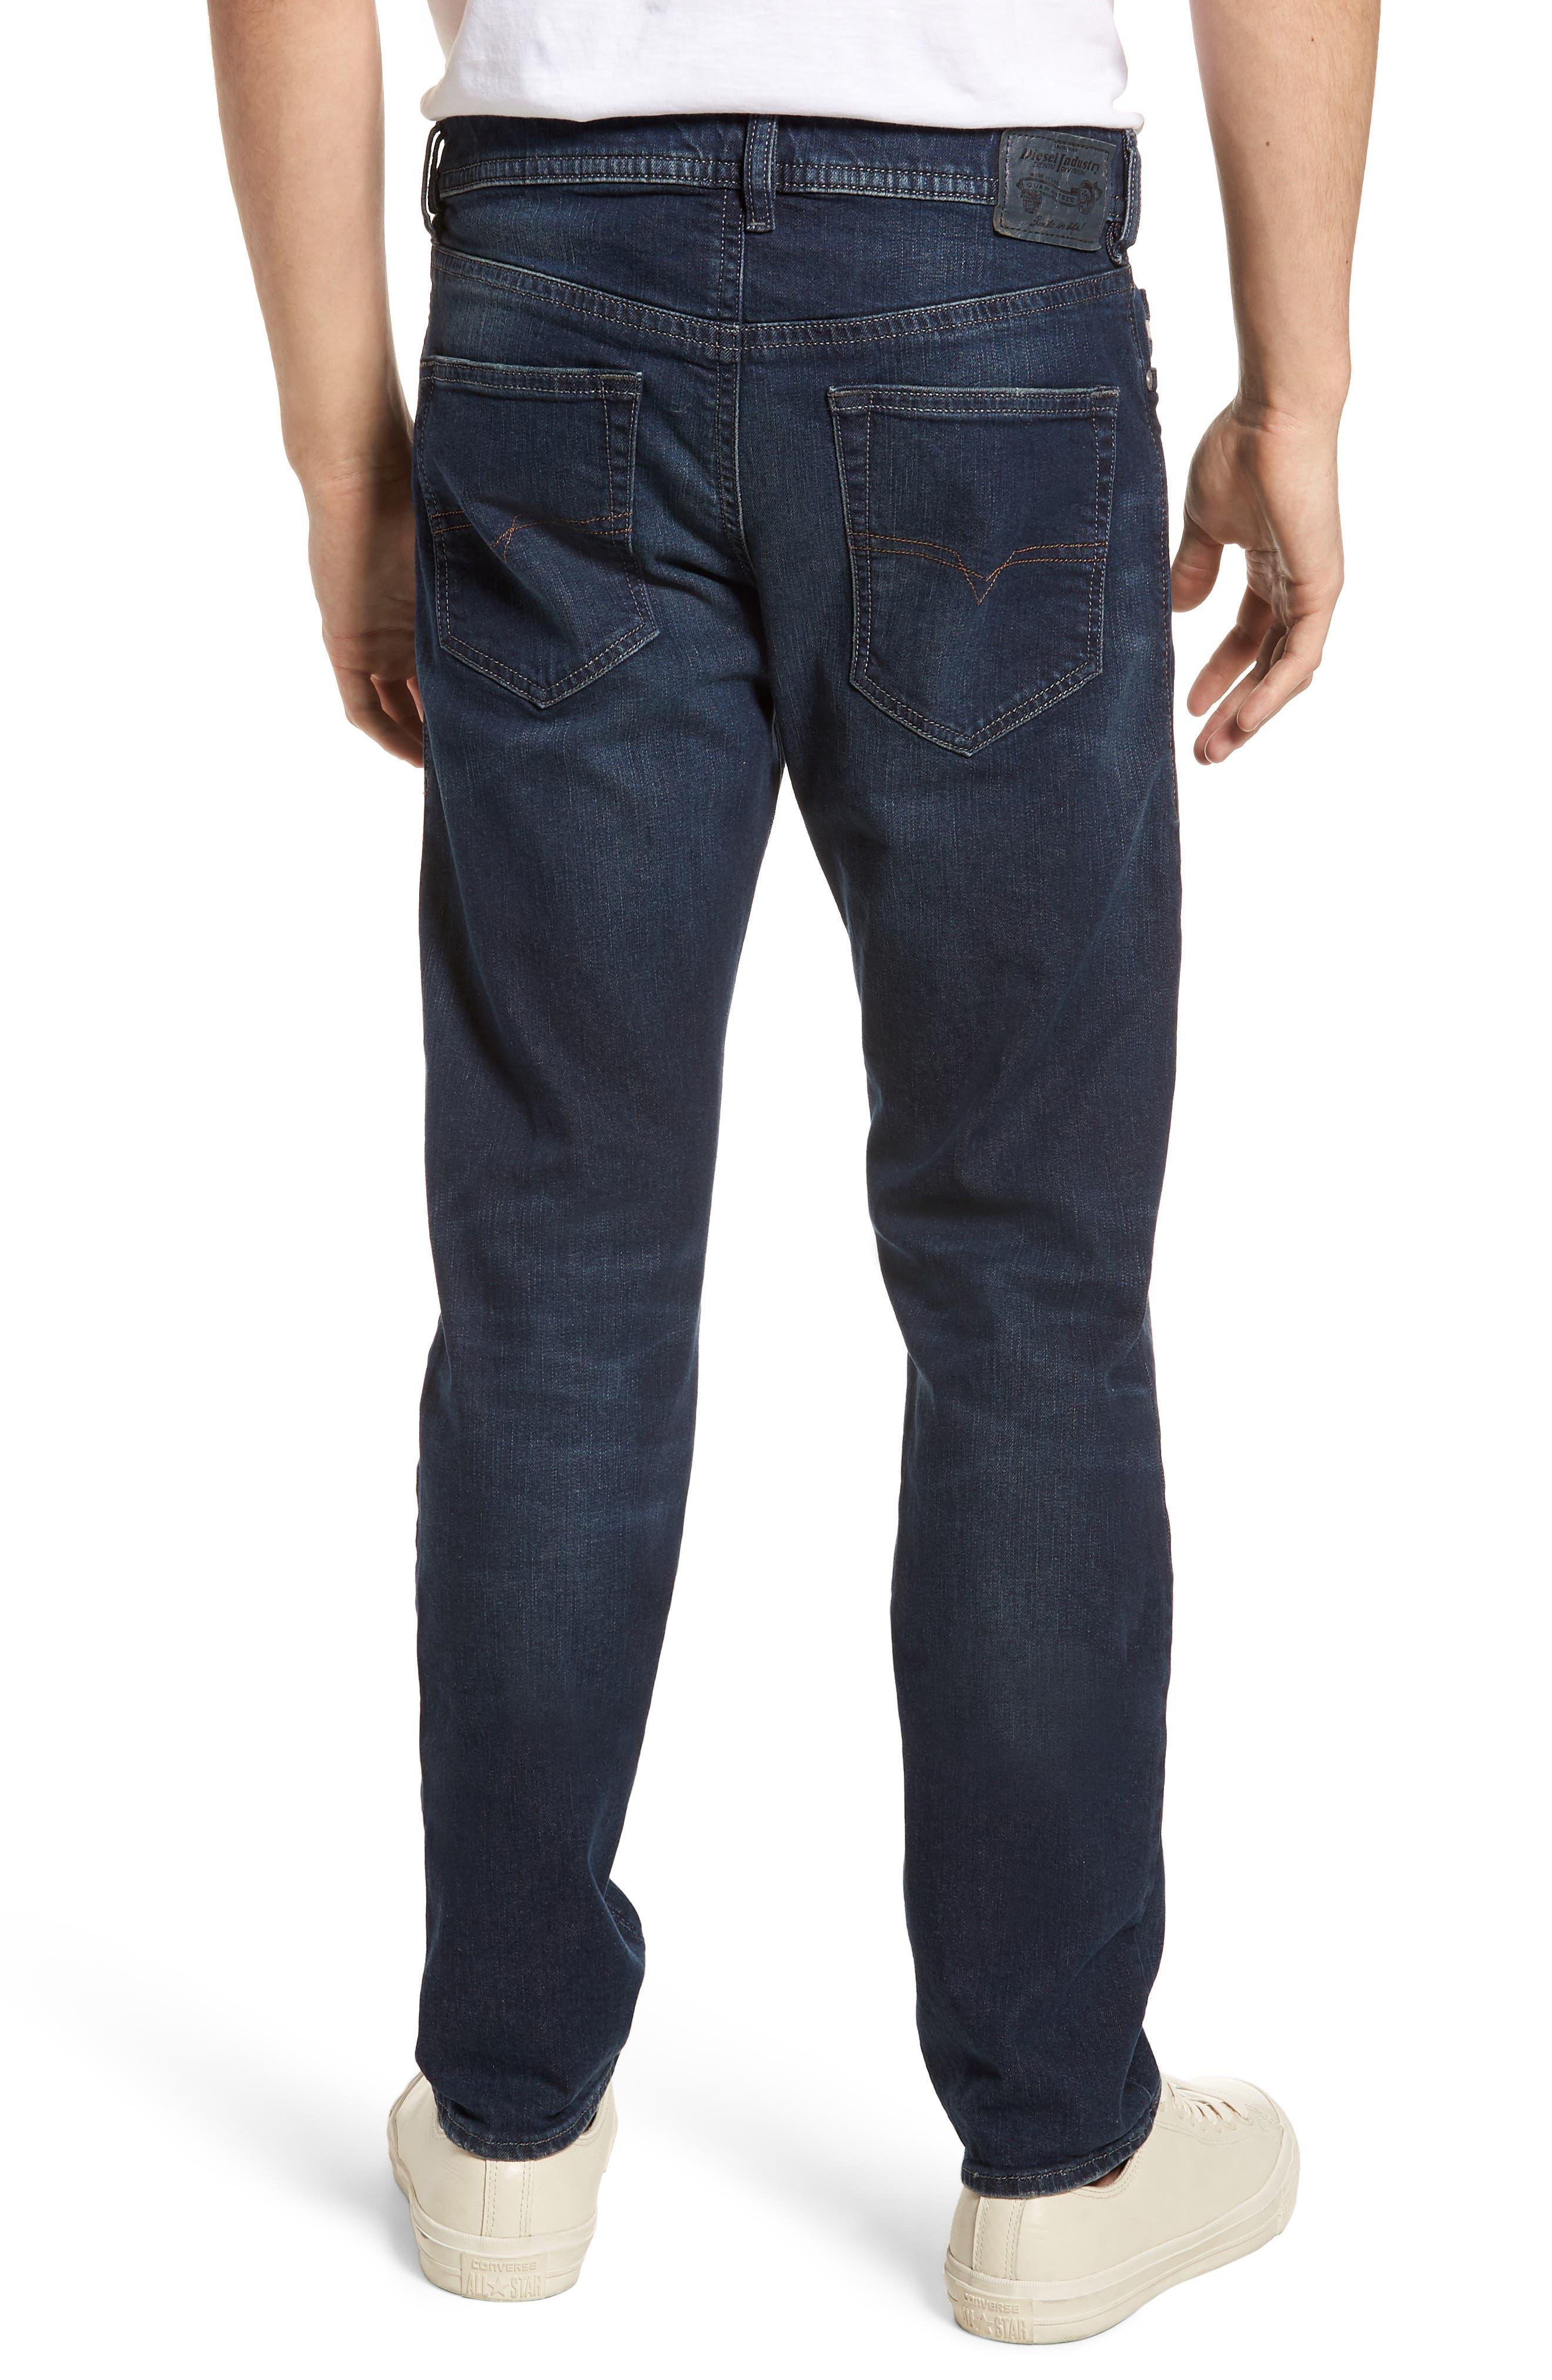 Buster Slim Straight Leg Jeans,                             Alternate thumbnail 2, color,                             BLUE